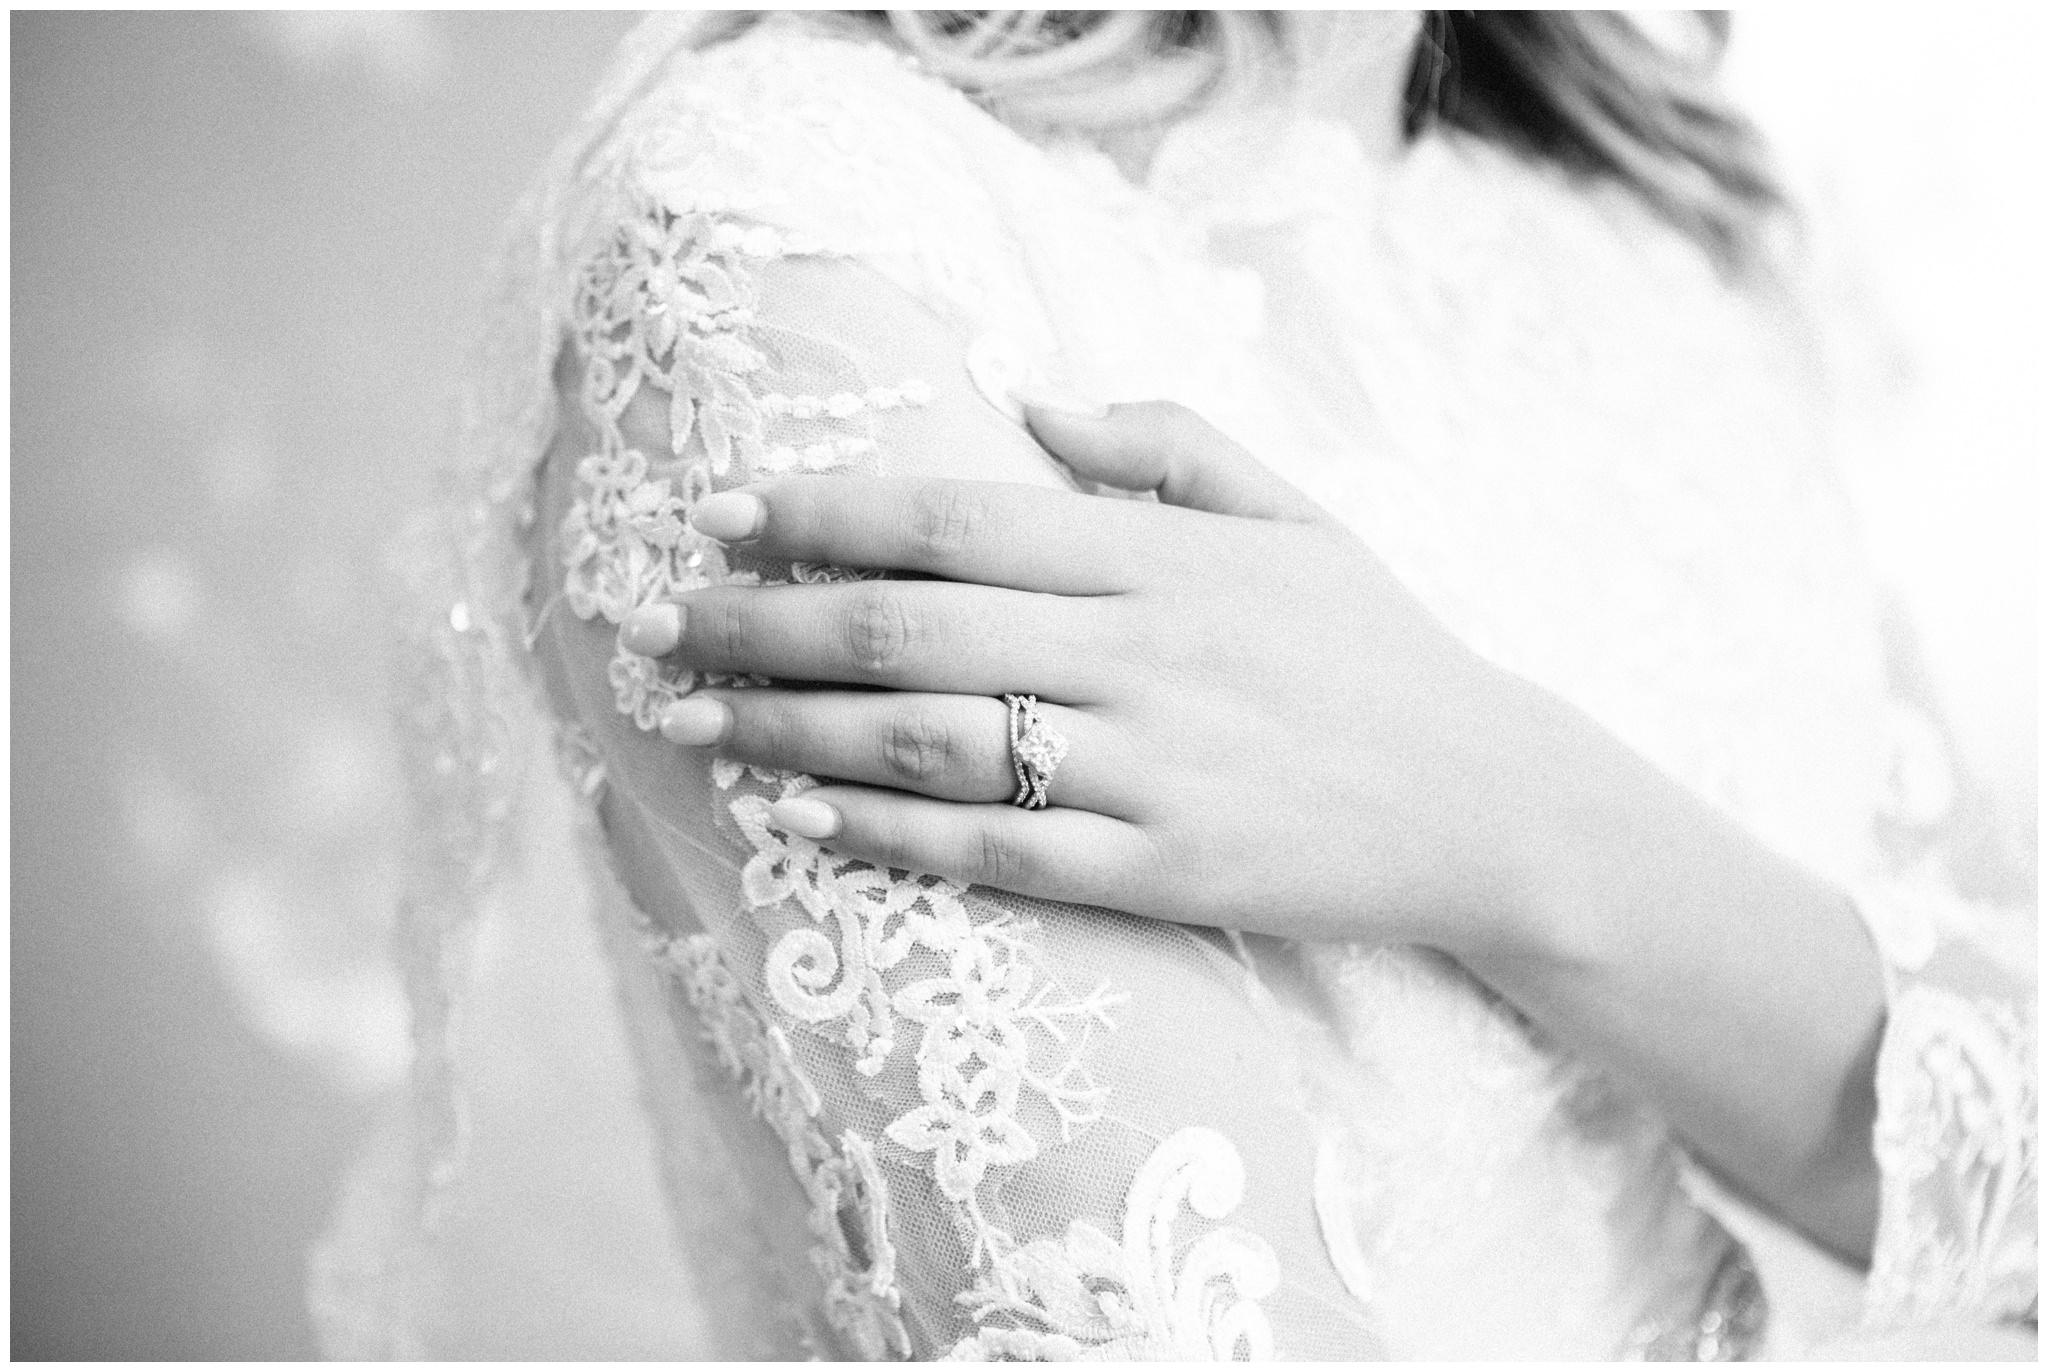 Wedding Ring detail shot on Wedding Dress